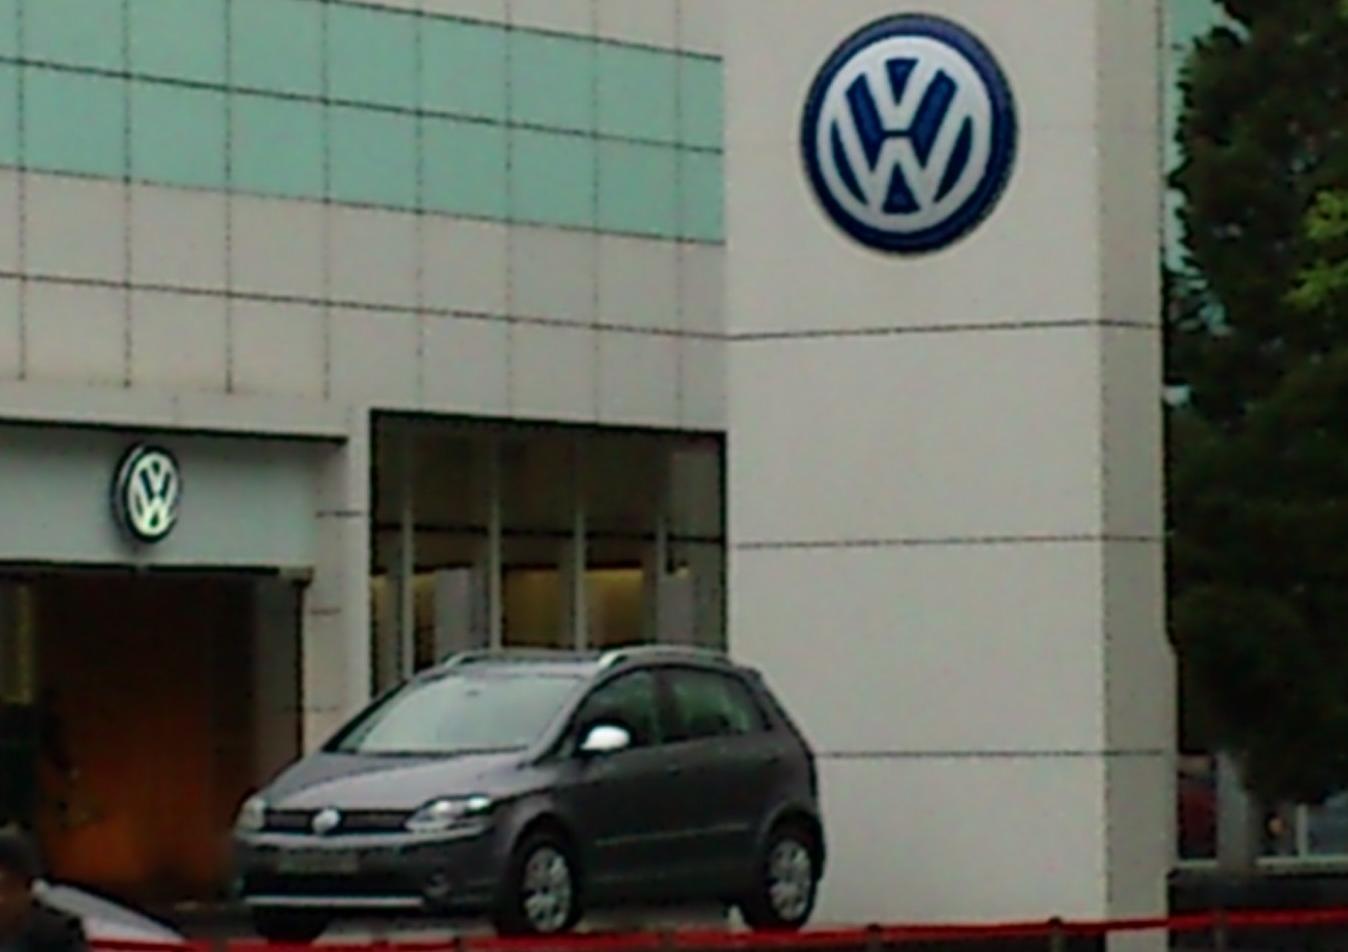 VW-Zentrale in Peking